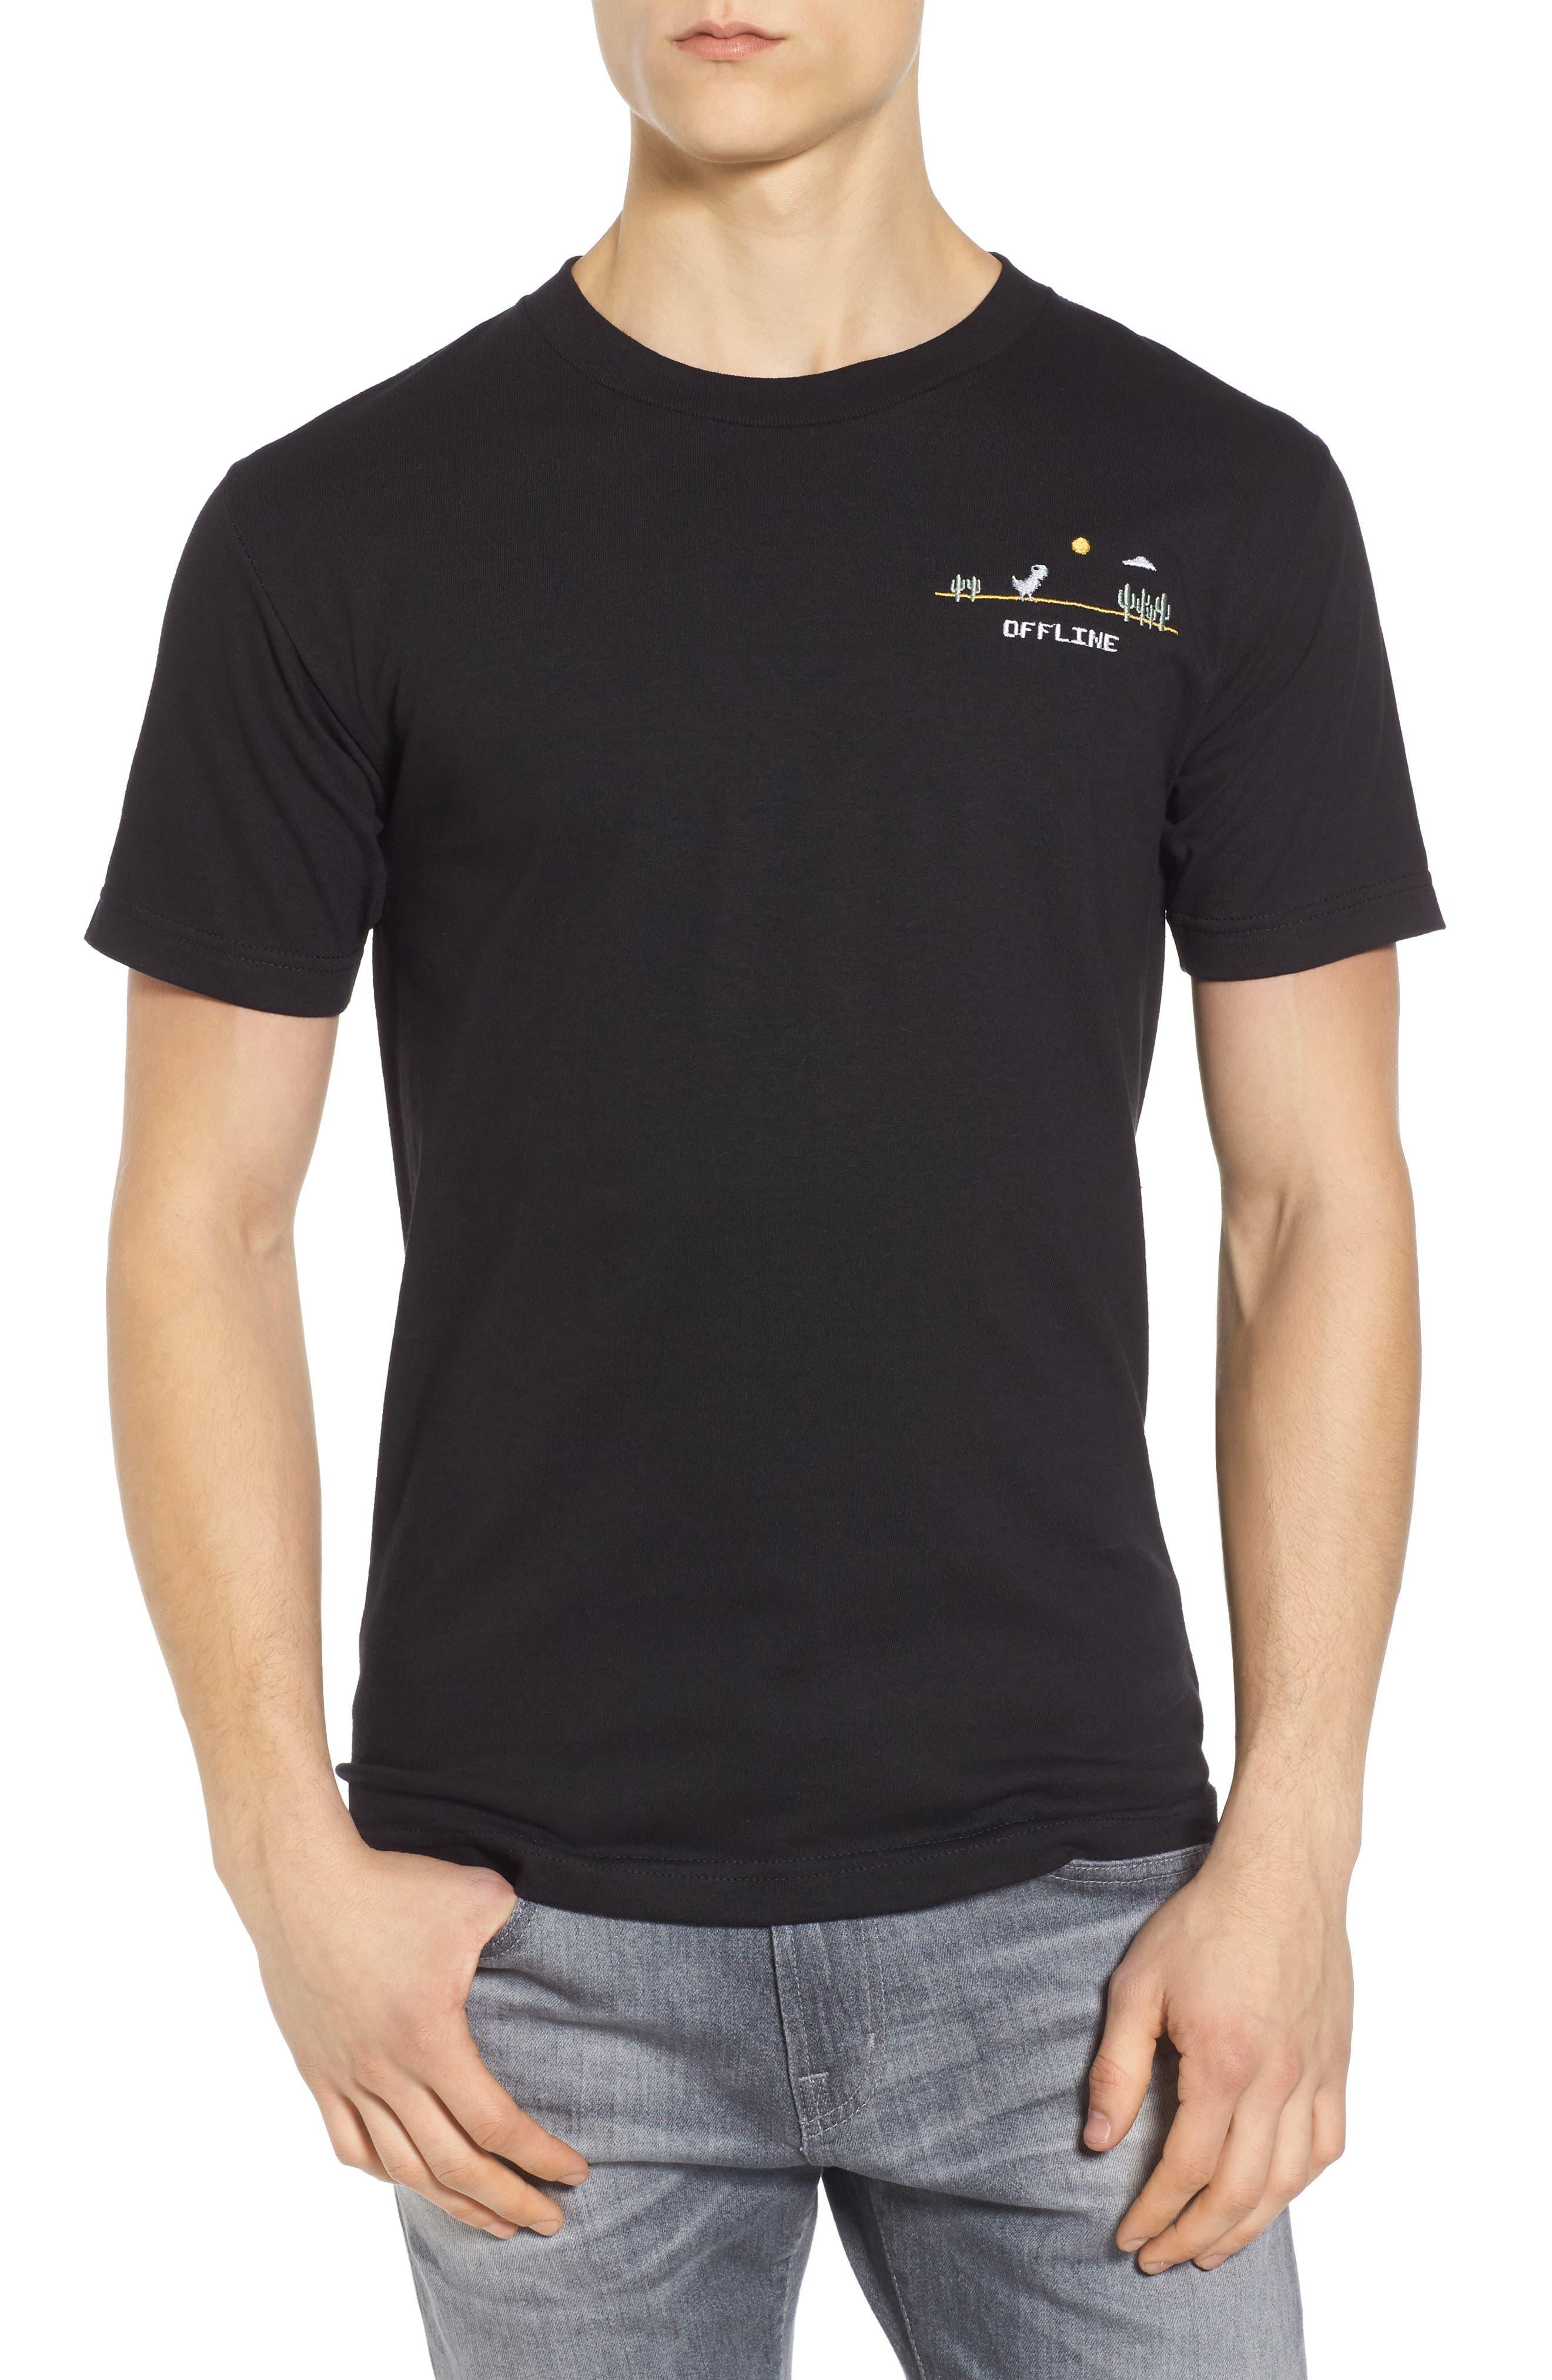 Main Image - Altru Dino Offline T-Shirt